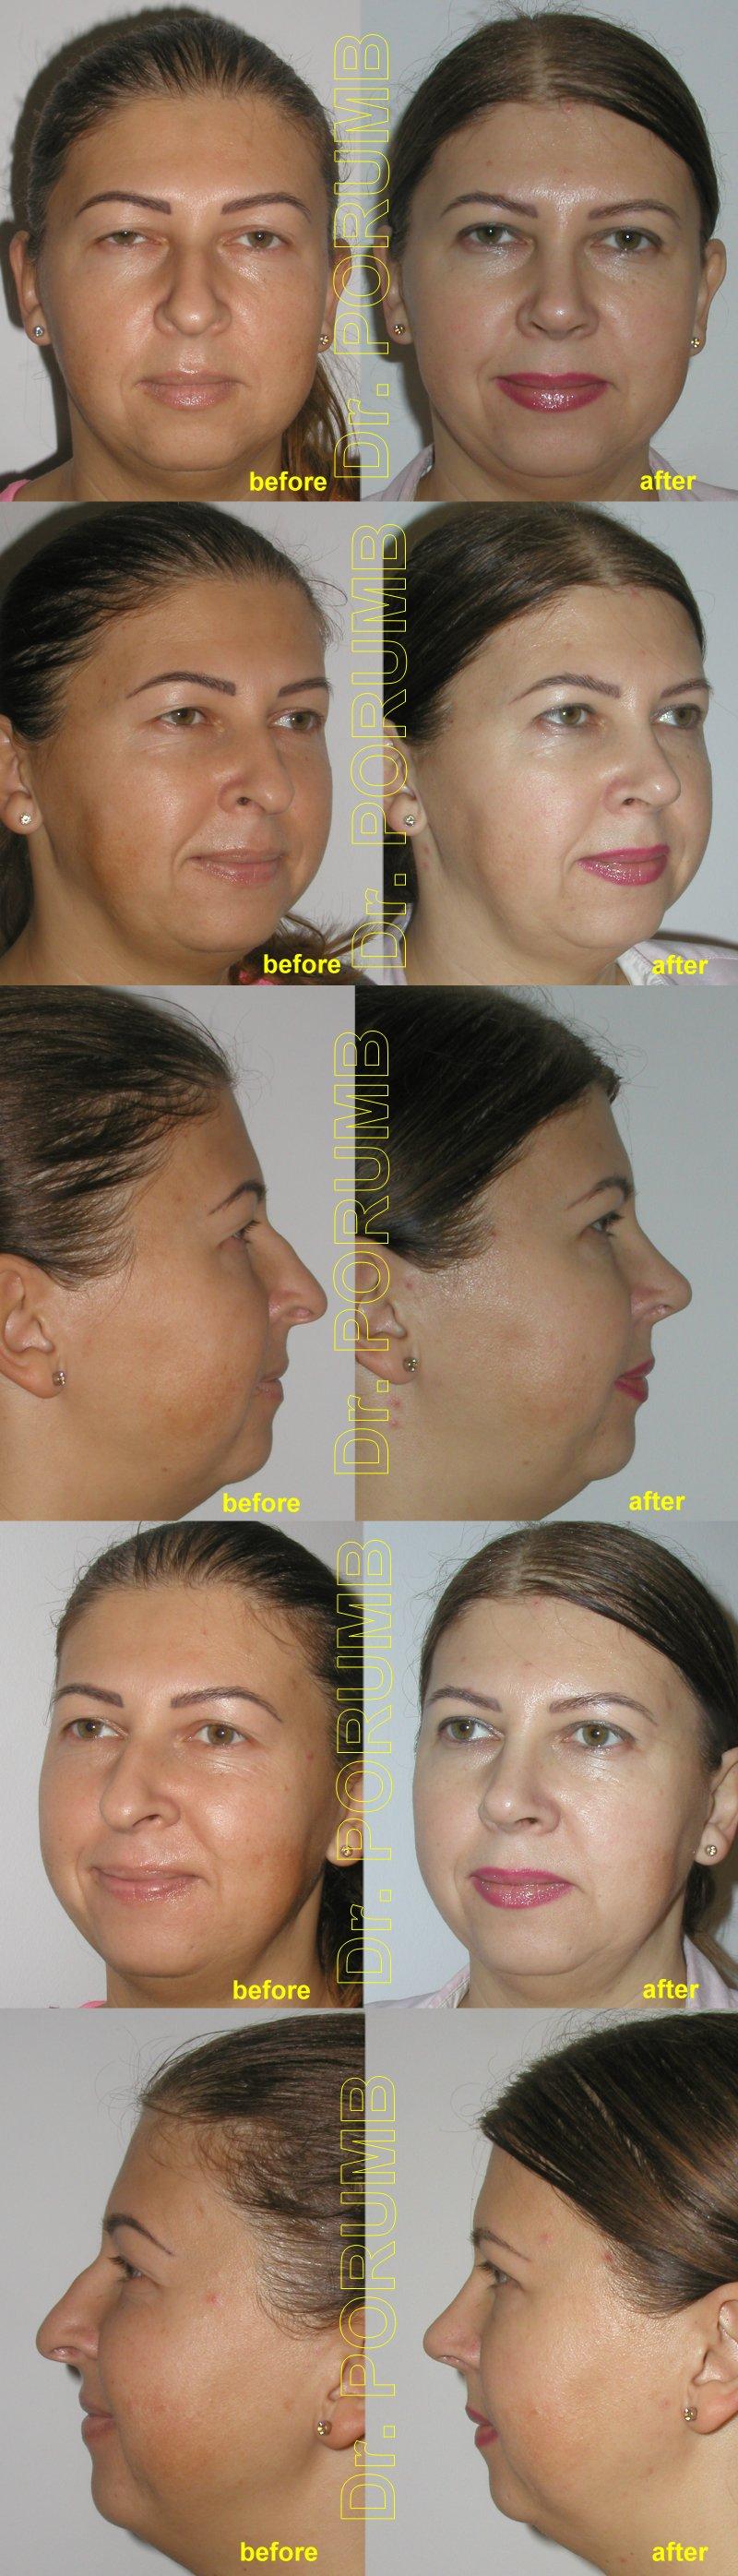 Pacienta de 40 ani, nemultumita de aspectul estetic al nasului, avand si deviatie de sept, cocoasa, un nas mai alungit si retractia marginii narilor doreste sa apeleze la chirurgie estetica de rinoplastie (operatie estetica la nas) cu simetrizarea nasului, corectia deviatiei de sept, scurtare nas, indepartare cocoasa, corectarea retractiei narilor, cu obtinerea unui nas mai armonios care sa se potriveasca mai bine fetei pacientei